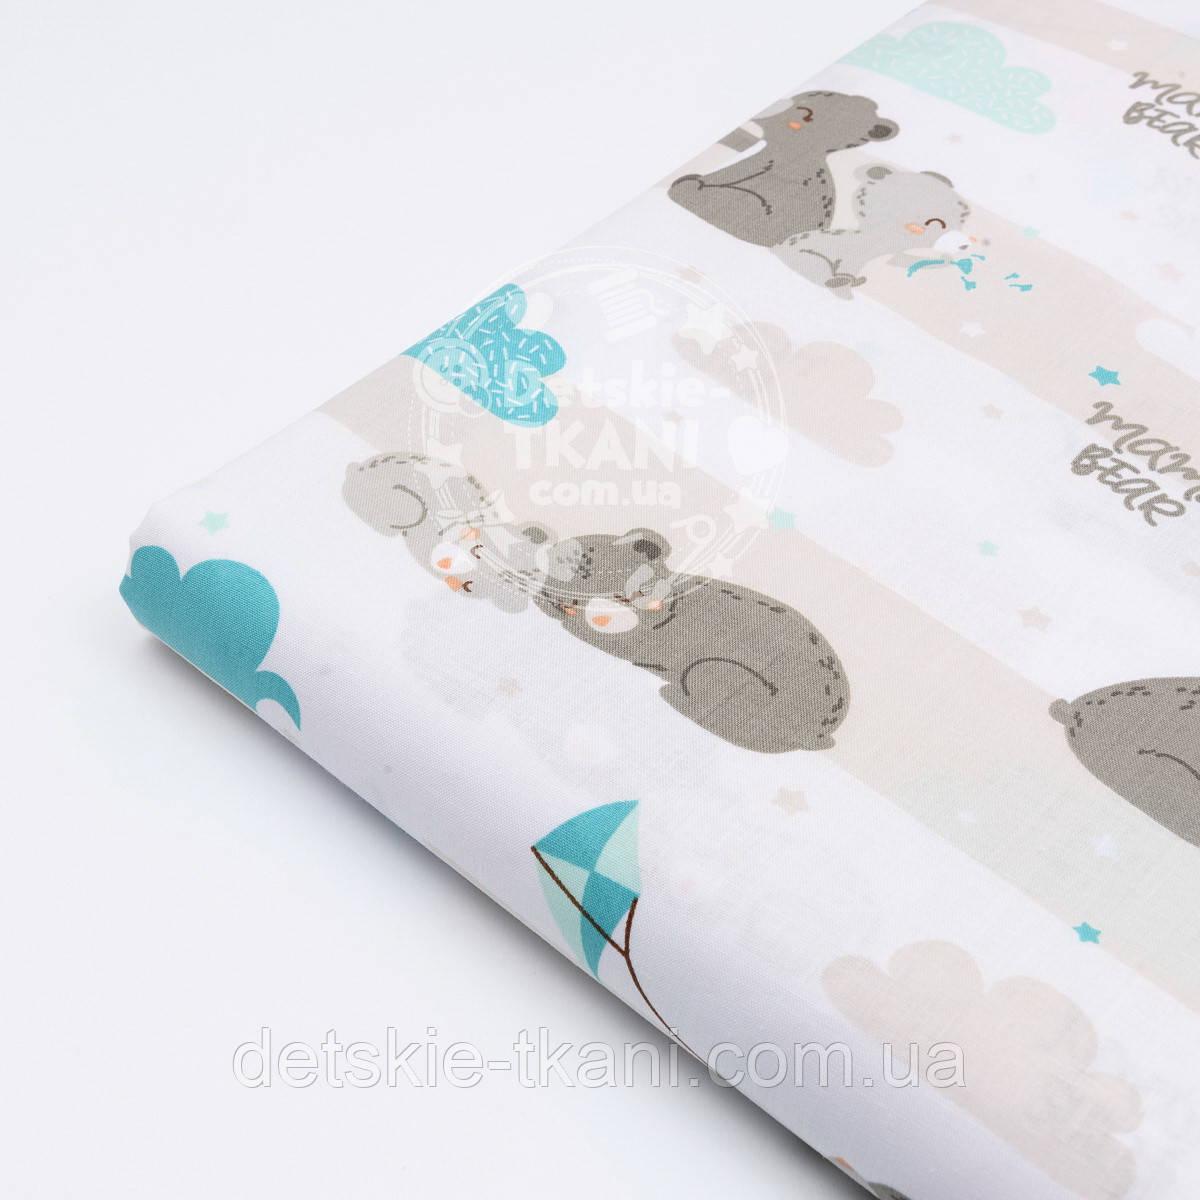 """Отрез ткани """"Серые спящие мишки с бирюзовыми облаками"""" №1543а, размер 80*160"""